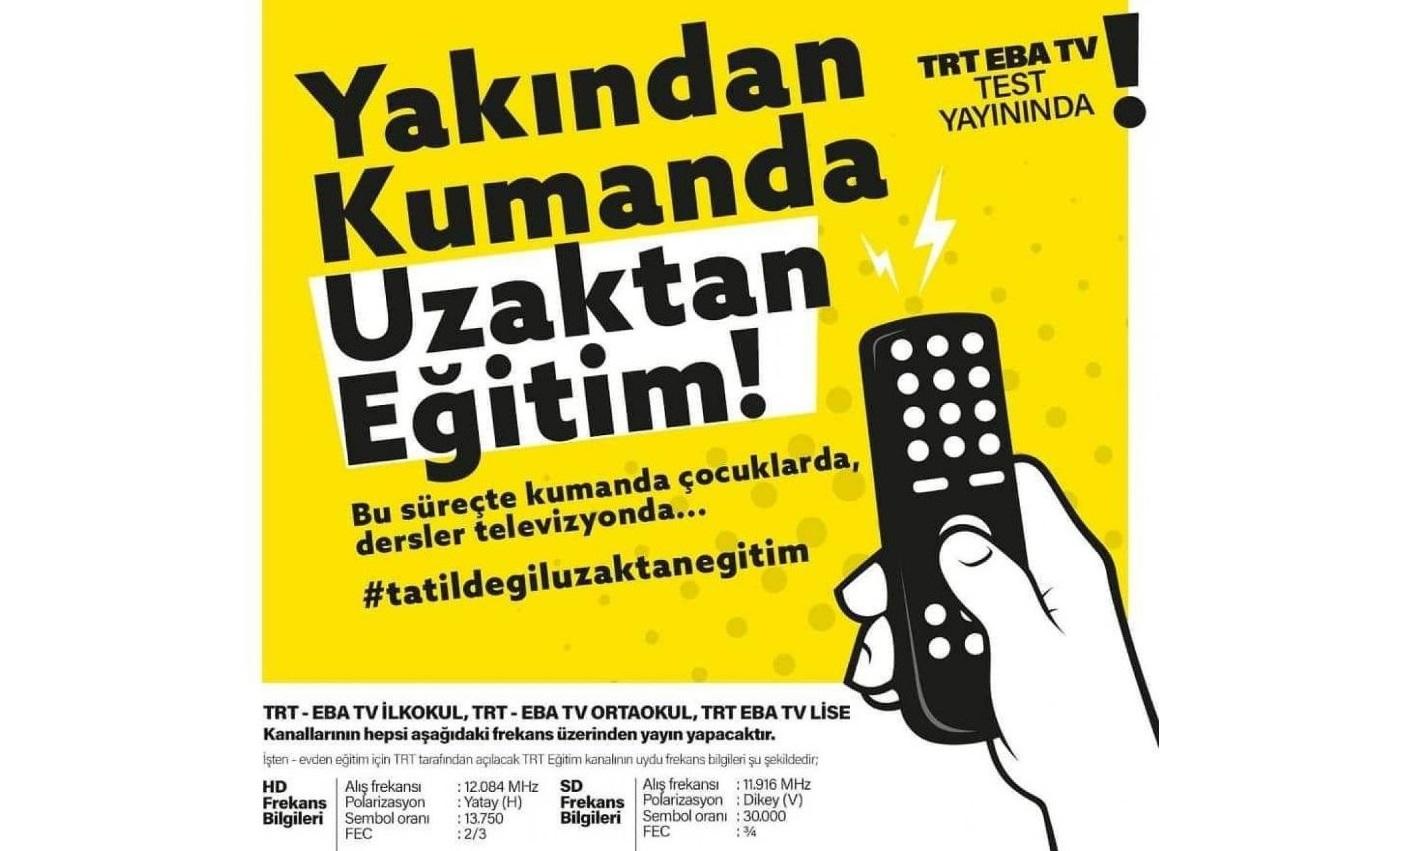 Uzaktan Eğitime Geçildi EbaTV Frekansları Yayınlandı